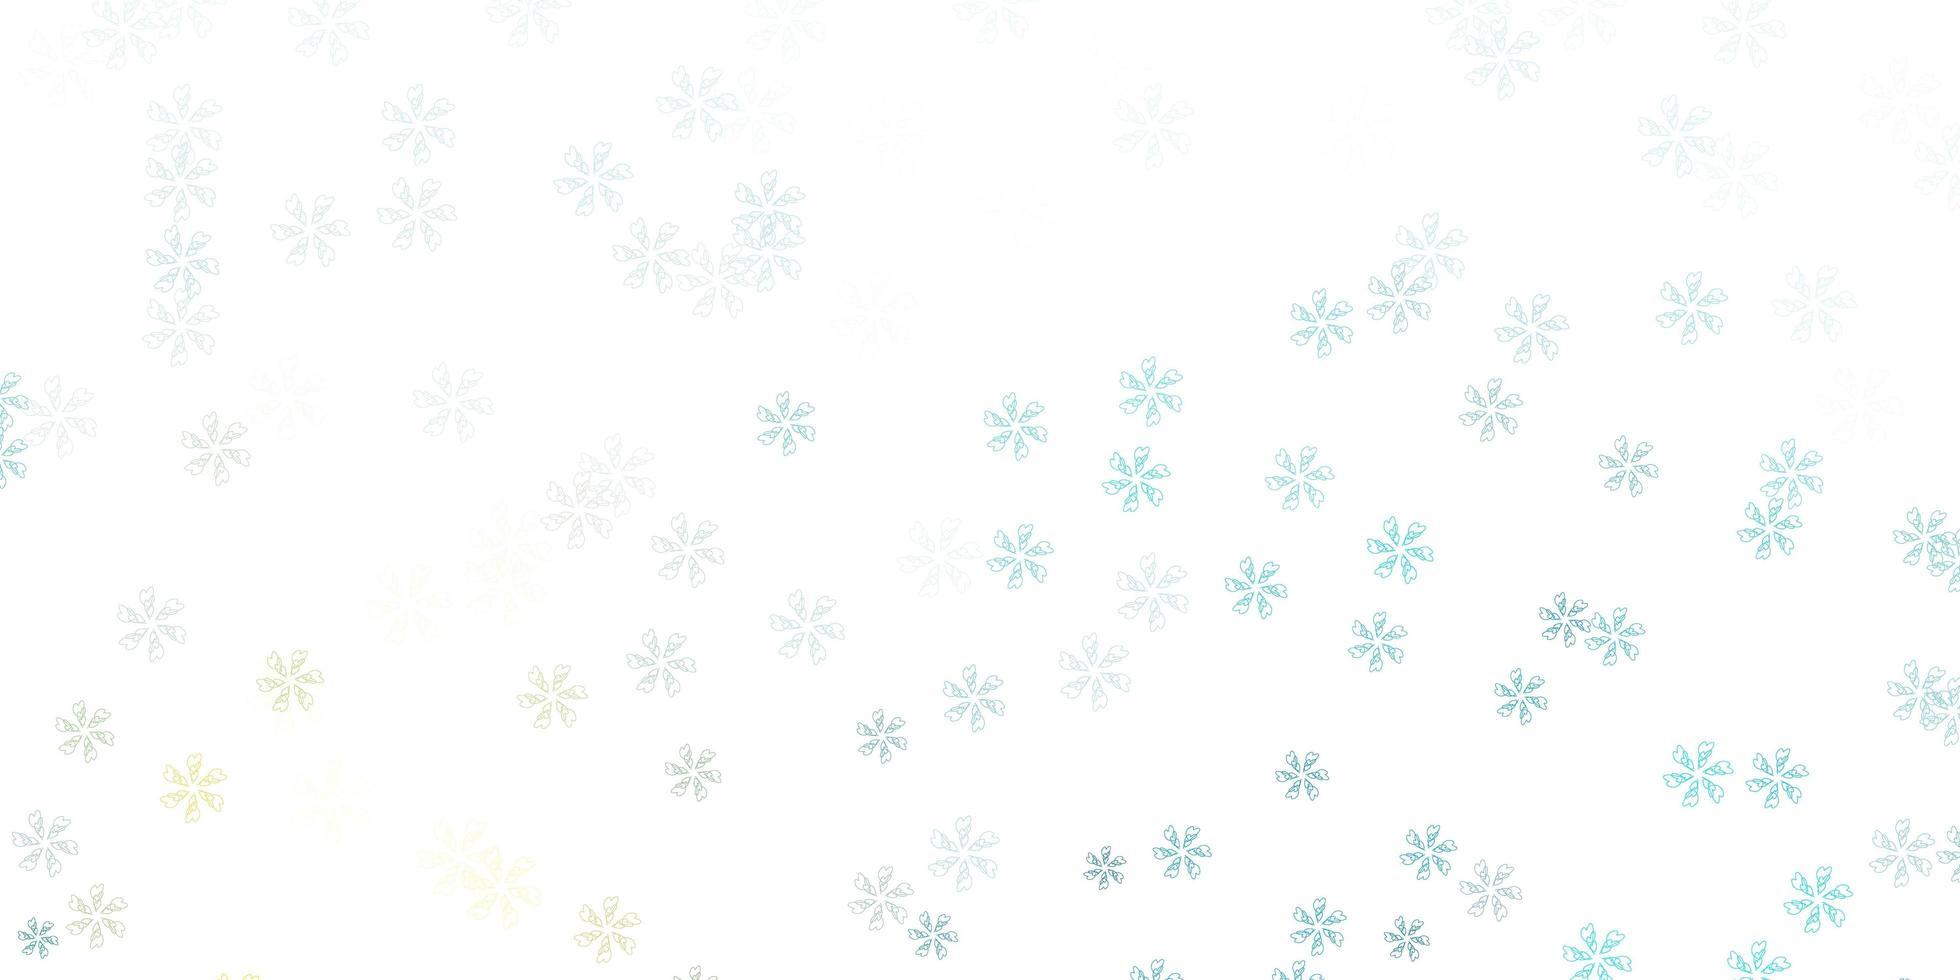 hellblaue, gelbe Vektor abstrakte Anordnung mit Blättern.